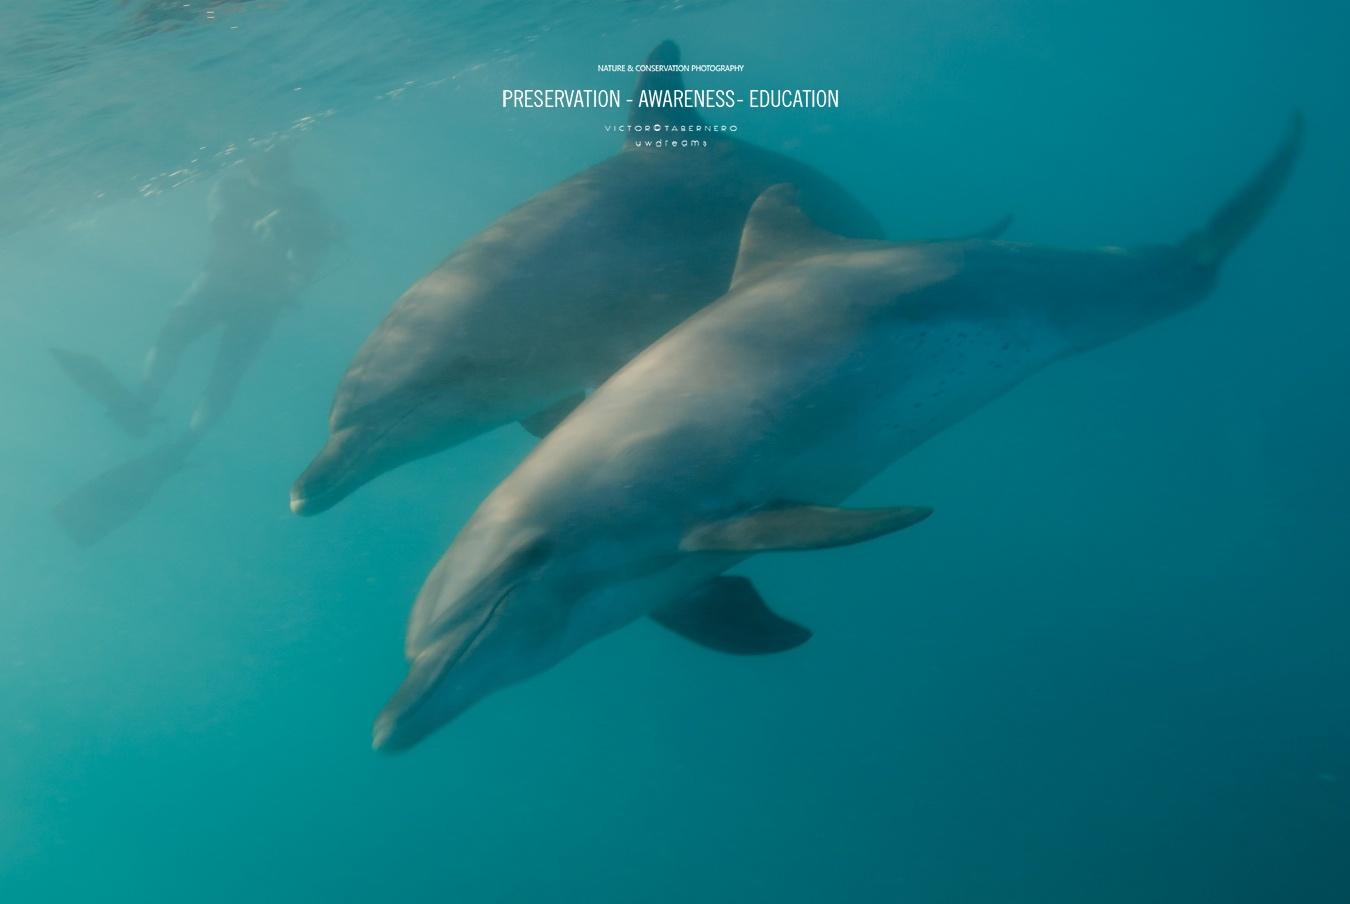 Dueños del los mares - Wildlife Conservation Photography, UWDREAMS.COM